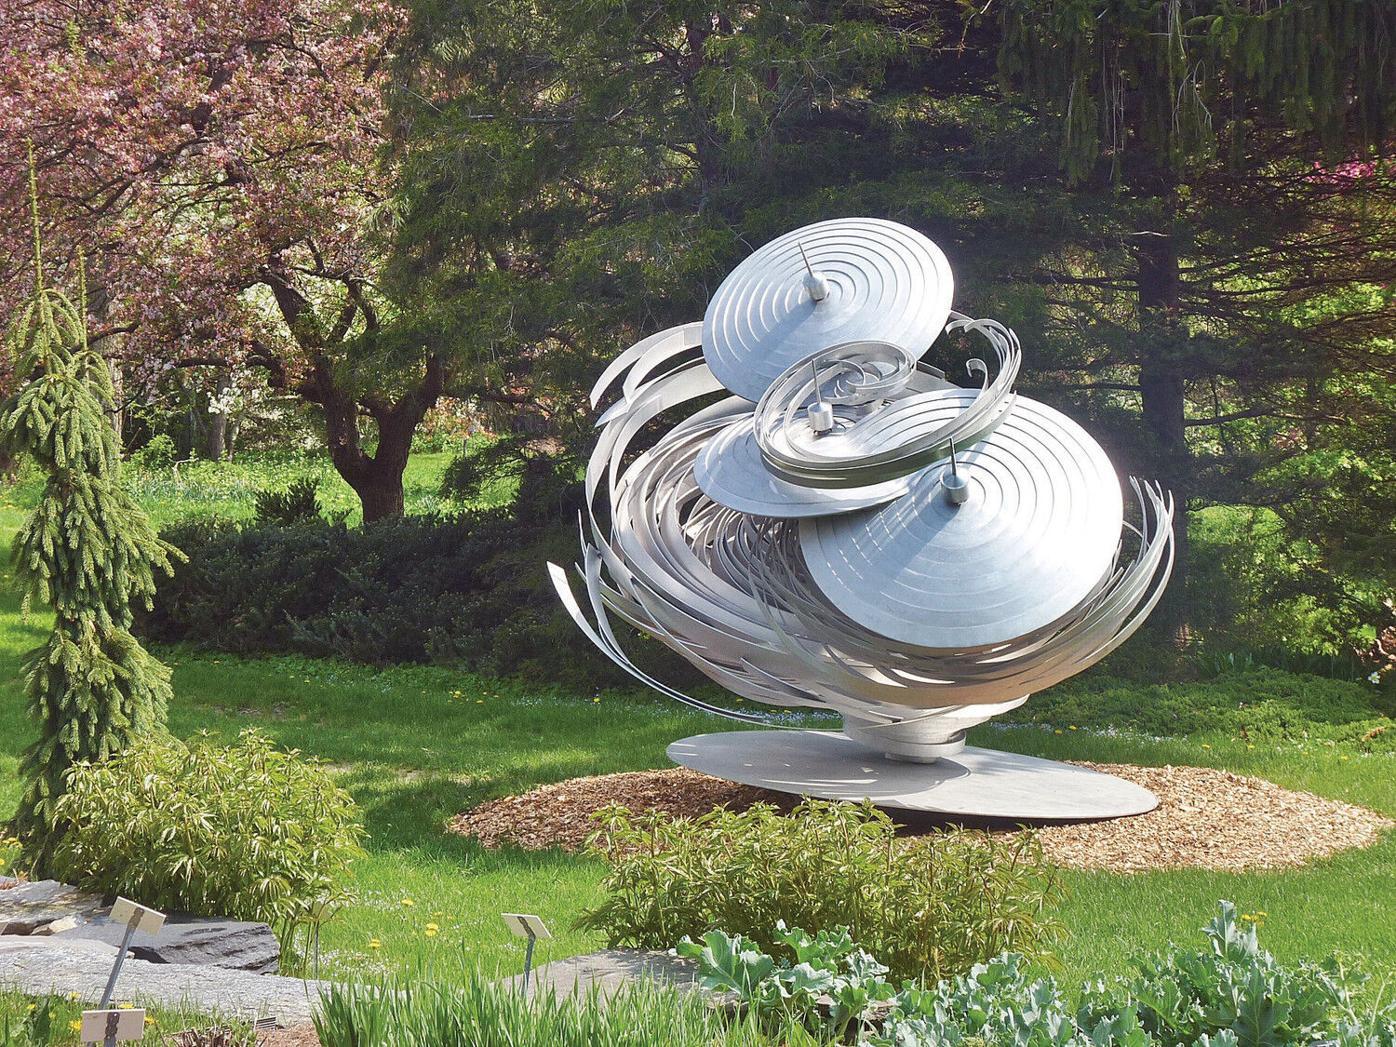 Berkshire Botanical Garden: When metal, art and nature meet